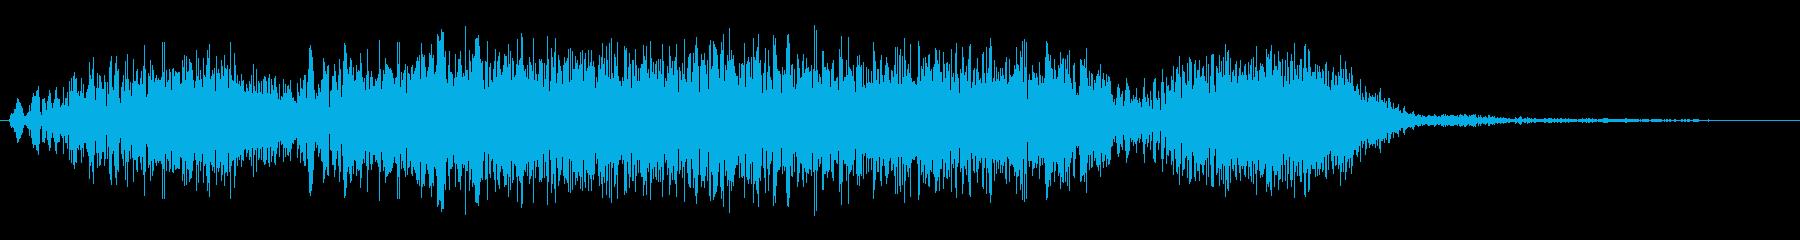 ピュ〜ピュ〜(疾風が吹く効果音)の再生済みの波形